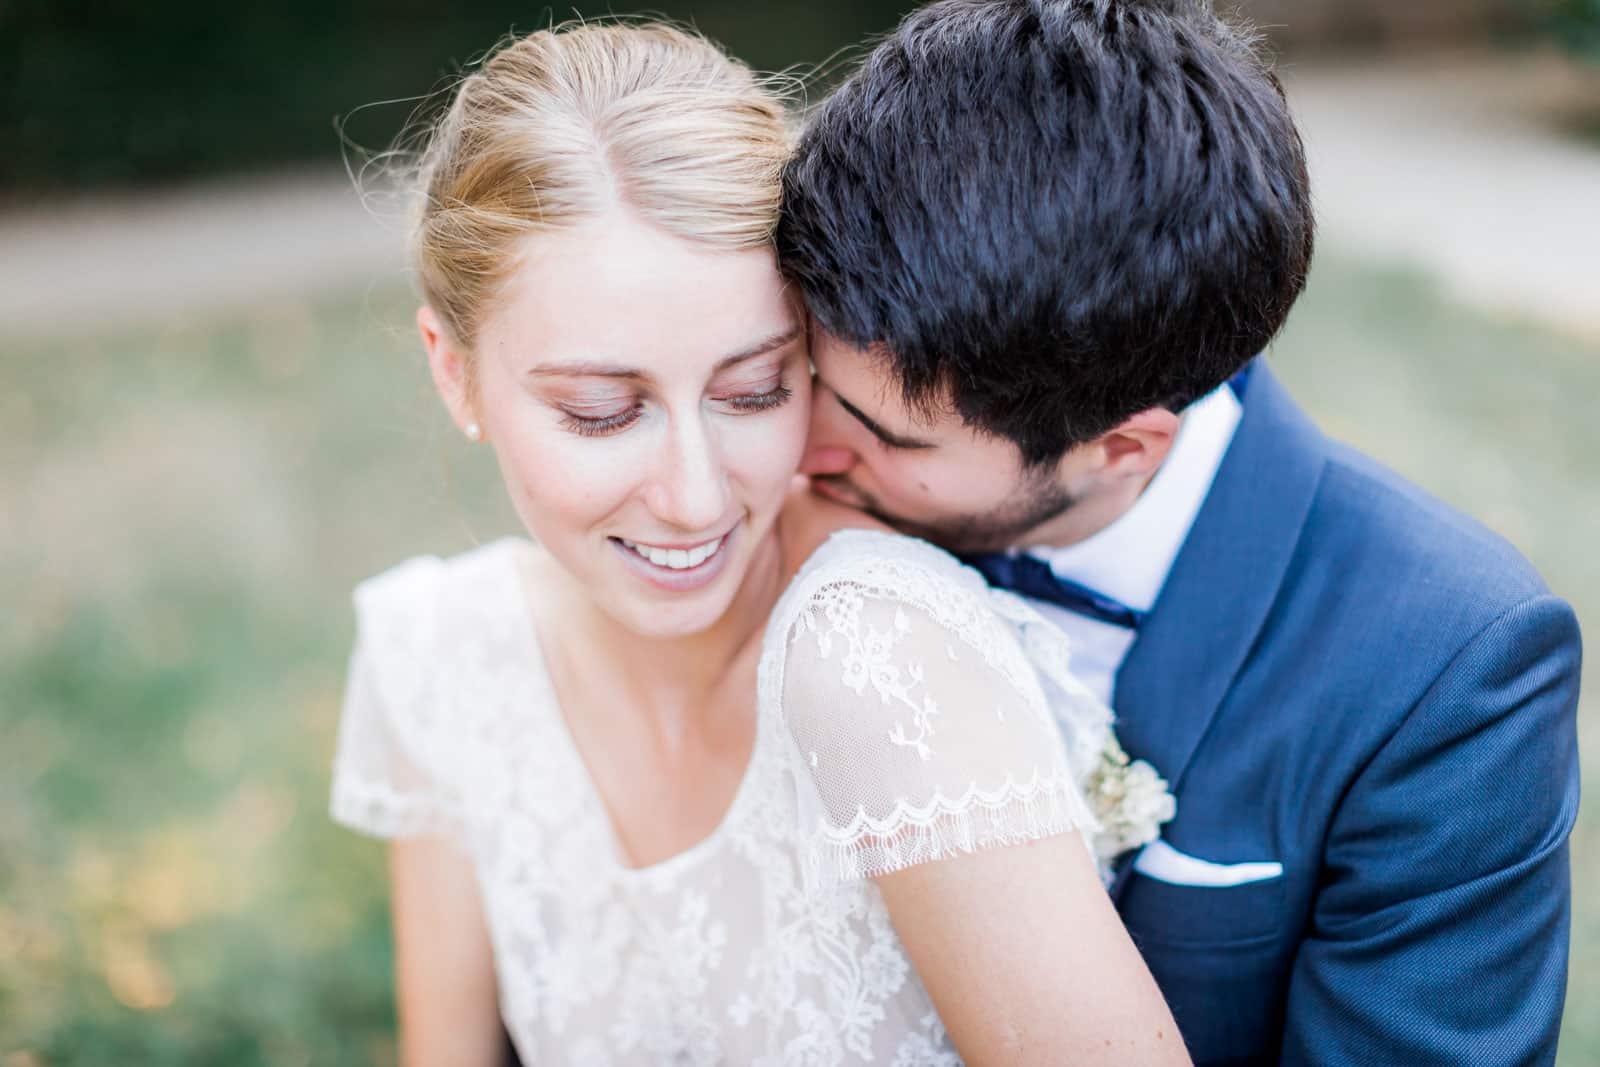 Photographie de Mathieu Dété présentant des conseils pour shootings couple, la femme est dos à lui